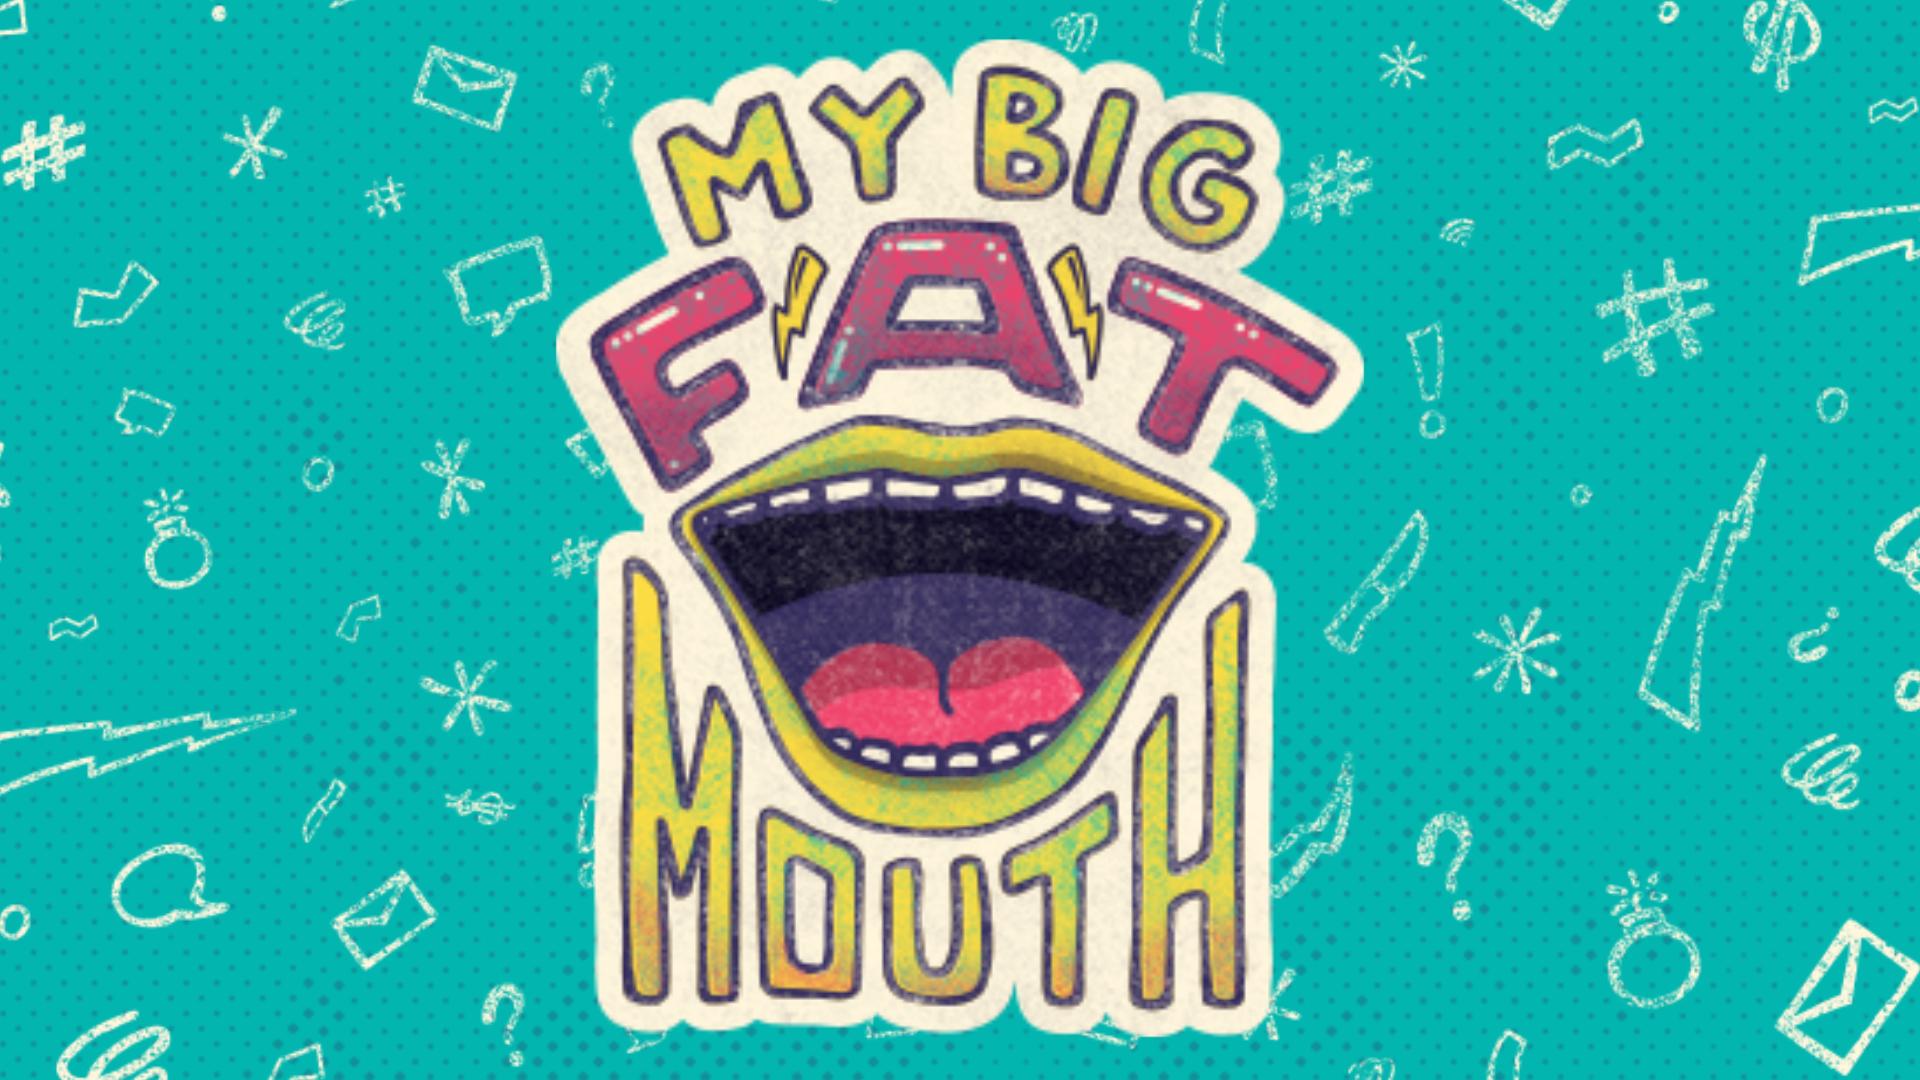 My Big Fat Mouth.jpg